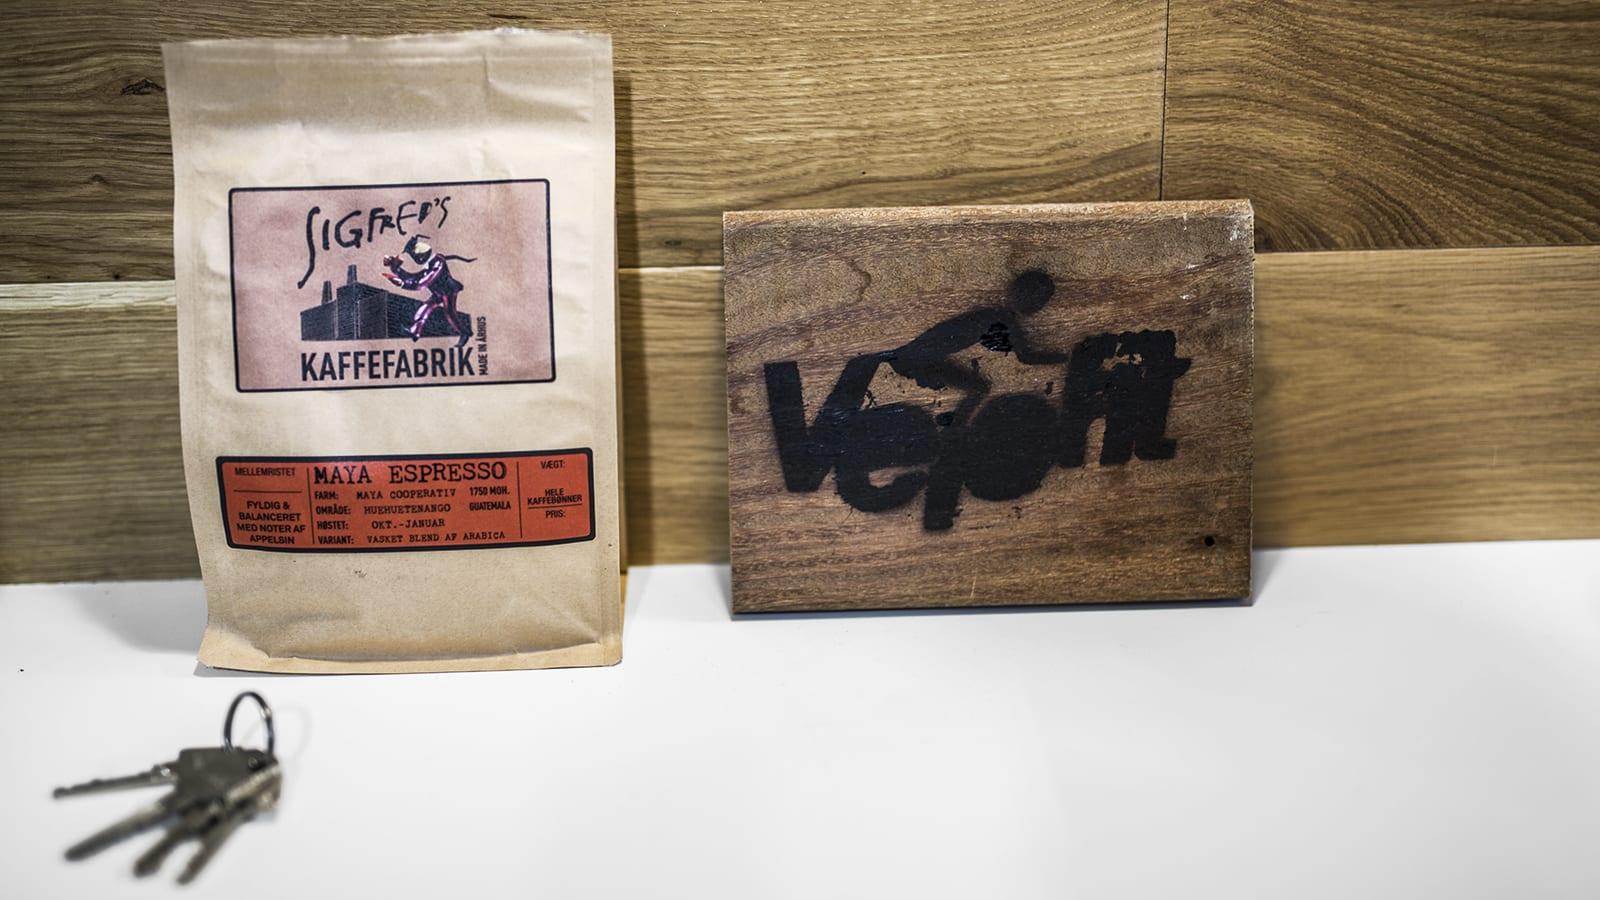 kaffe-sigfred-velofit